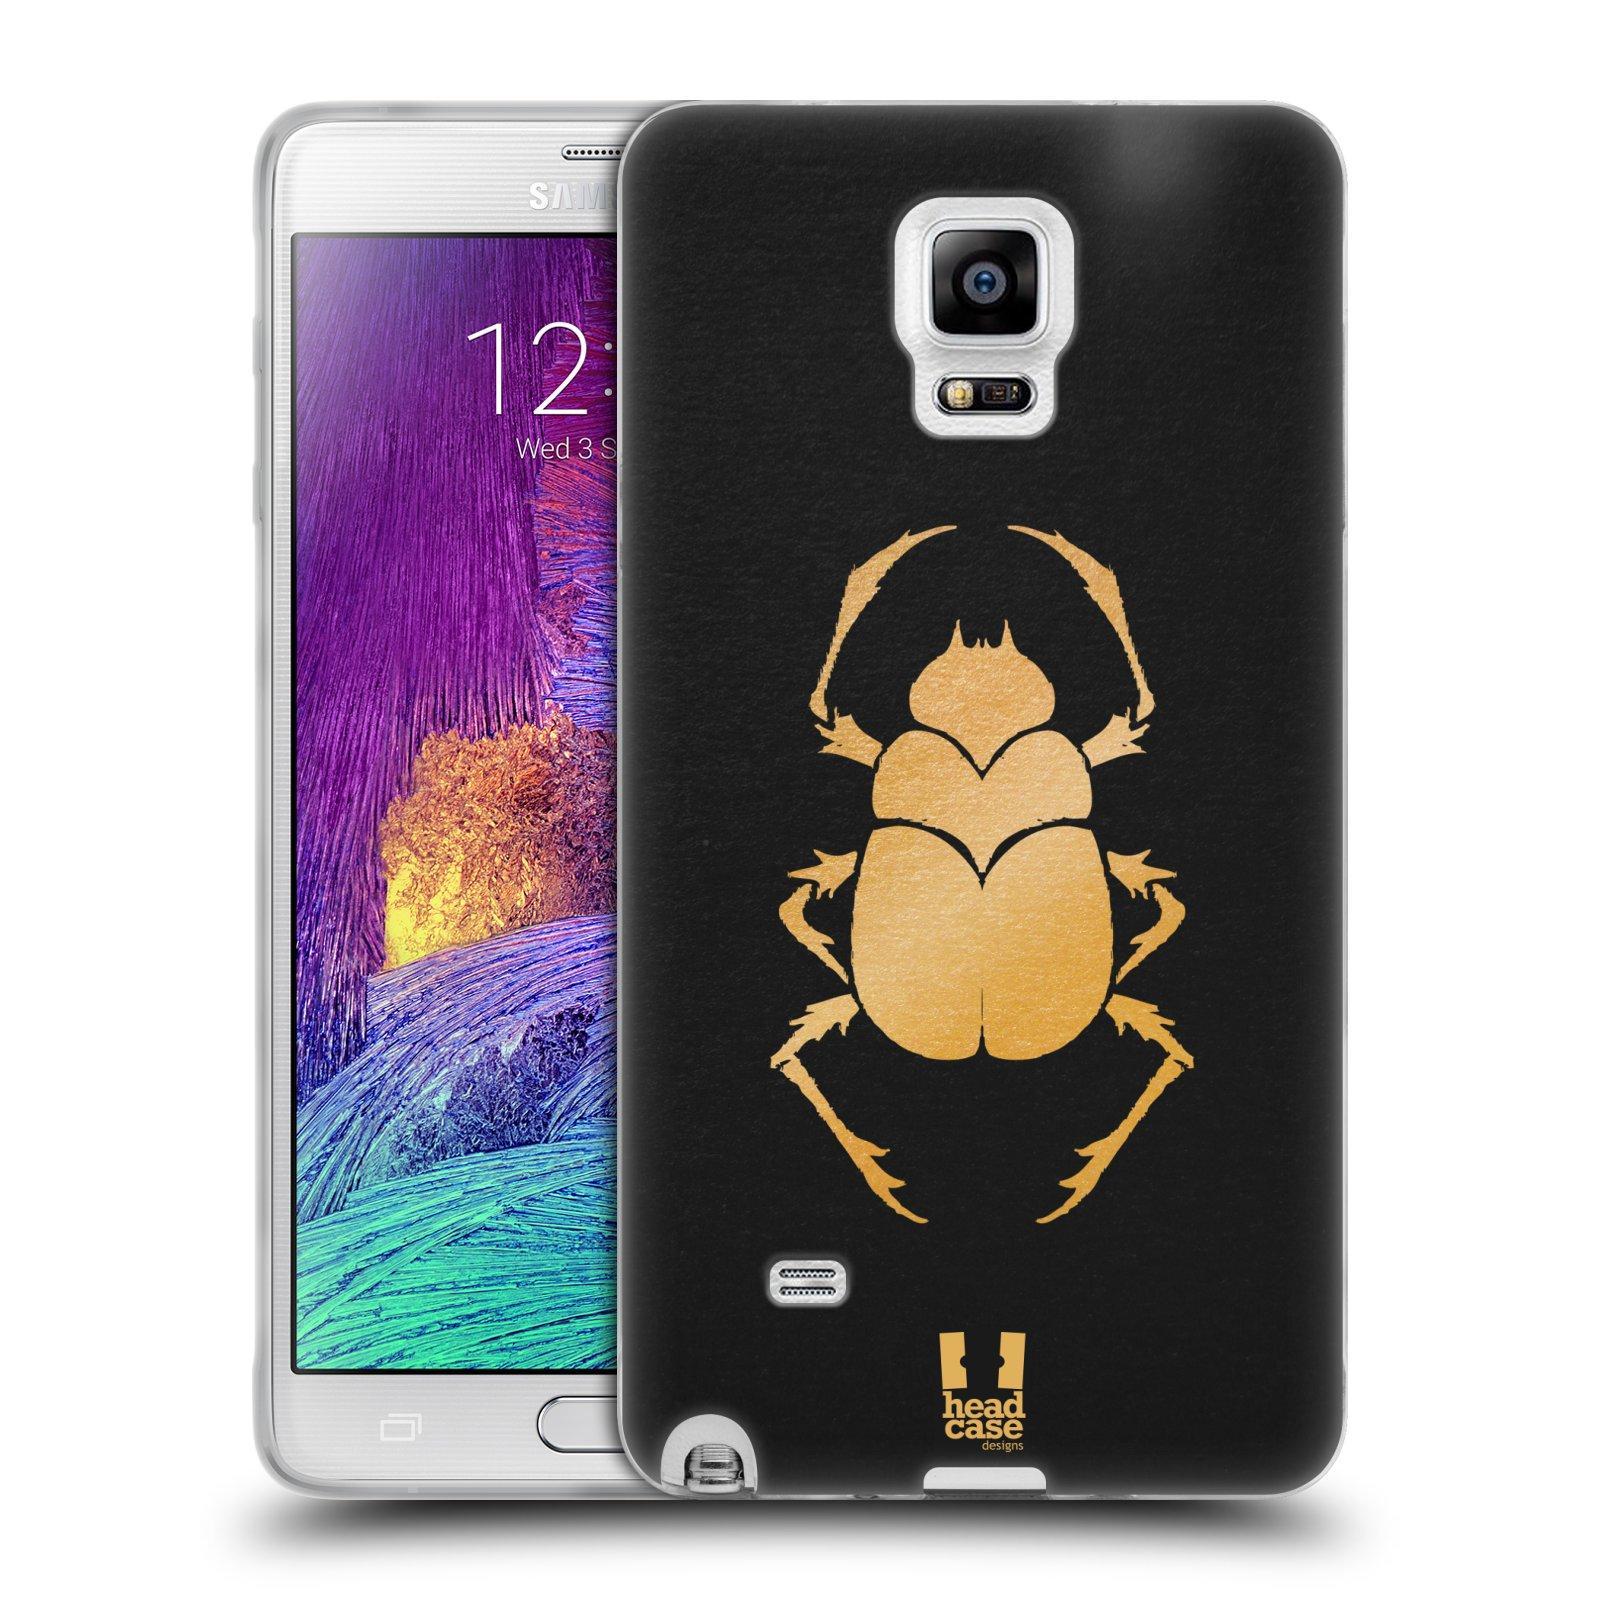 Silikonové pouzdro na mobil Samsung Galaxy Note 4 HEAD CASE EGYPT SCARABEUS (Silikonový kryt či obal na mobilní telefon Samsung Galaxy Note 4 SM-N910F)